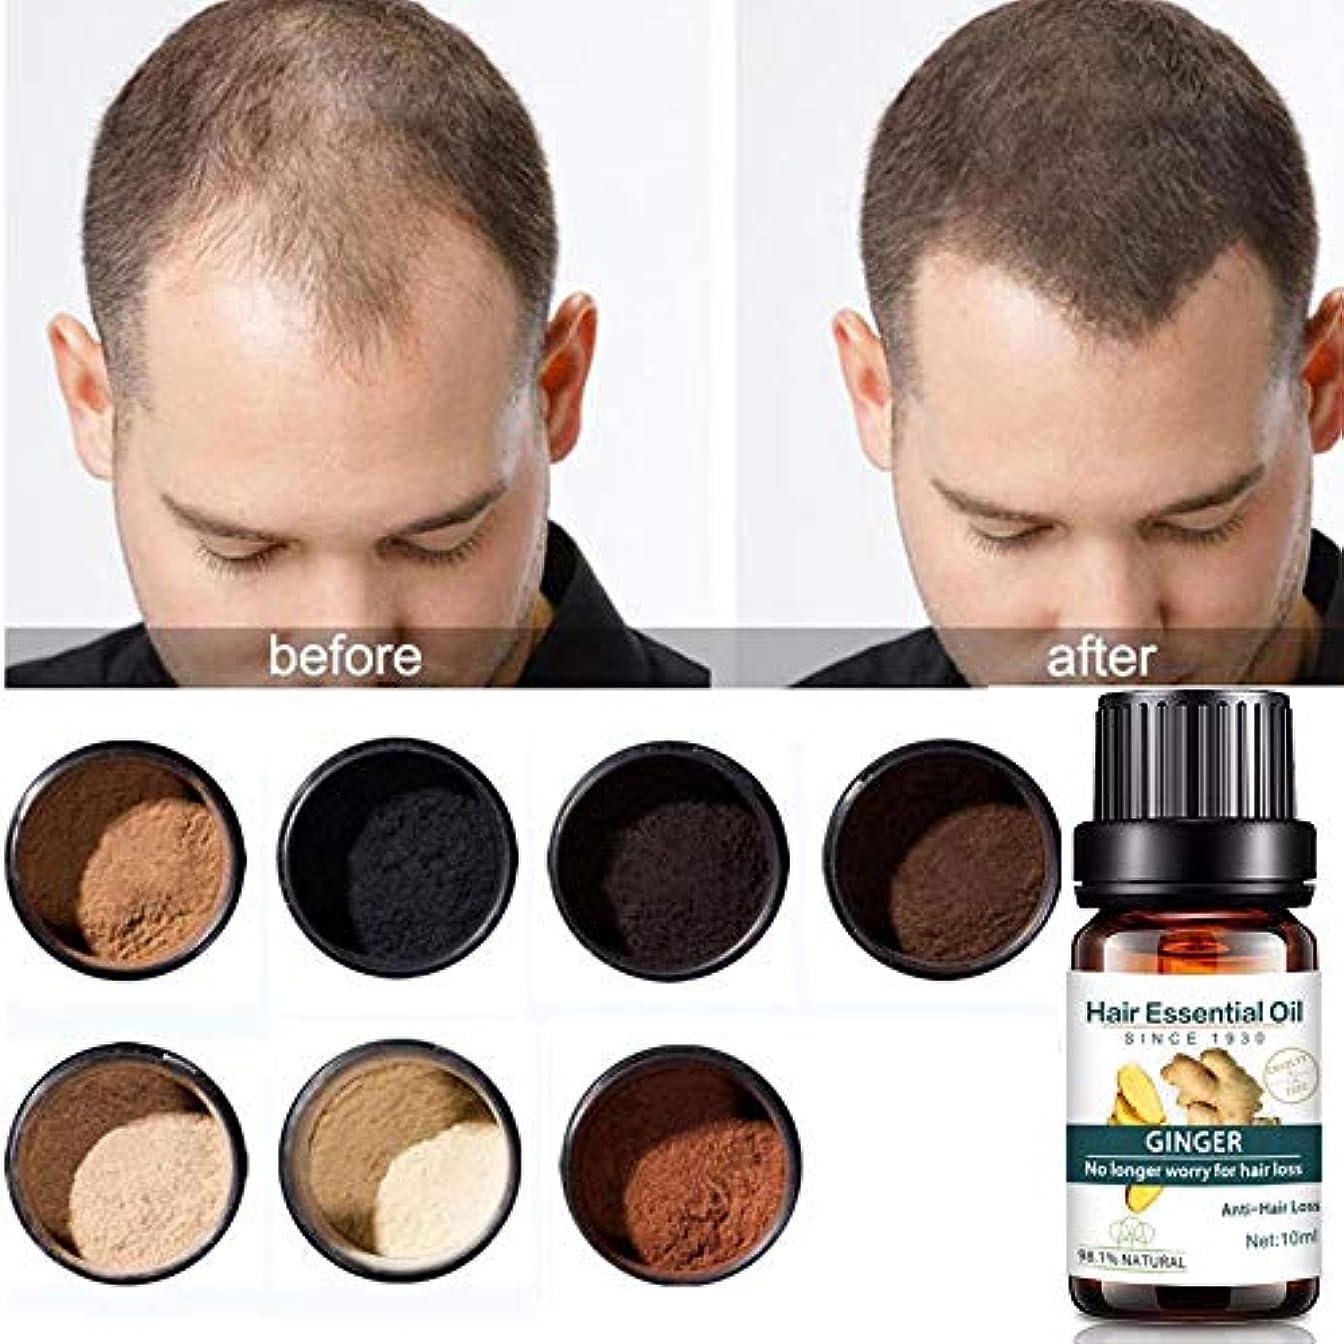 クロニクル生命体迷路育毛トリートメントオイル、育毛セラム、育毛ジンジャーオイル、抜け毛を防止、育毛促進